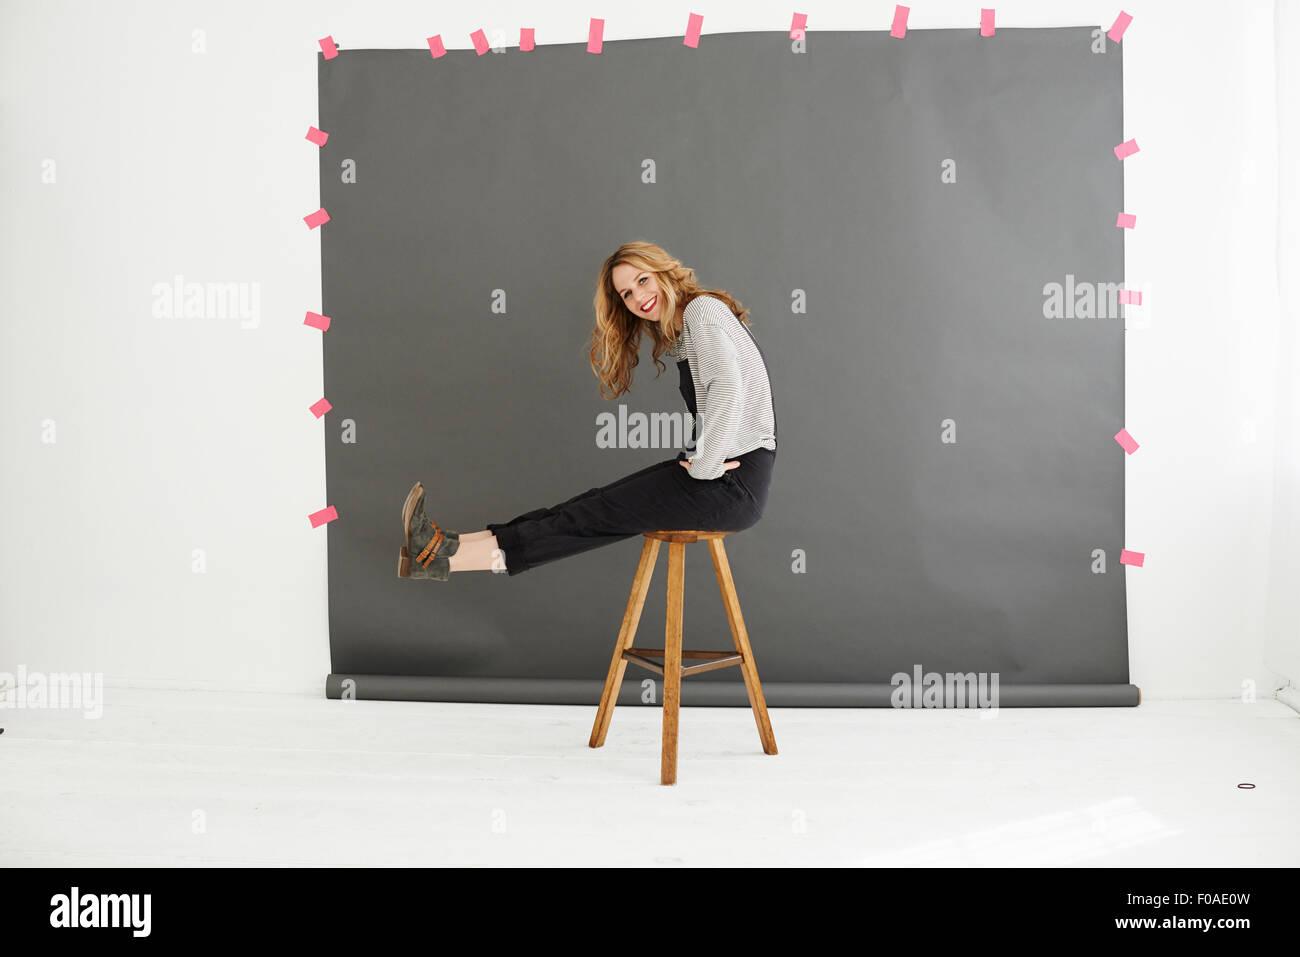 Donna su uno sgabello davanti dei fotografi di sfondo Immagini Stock